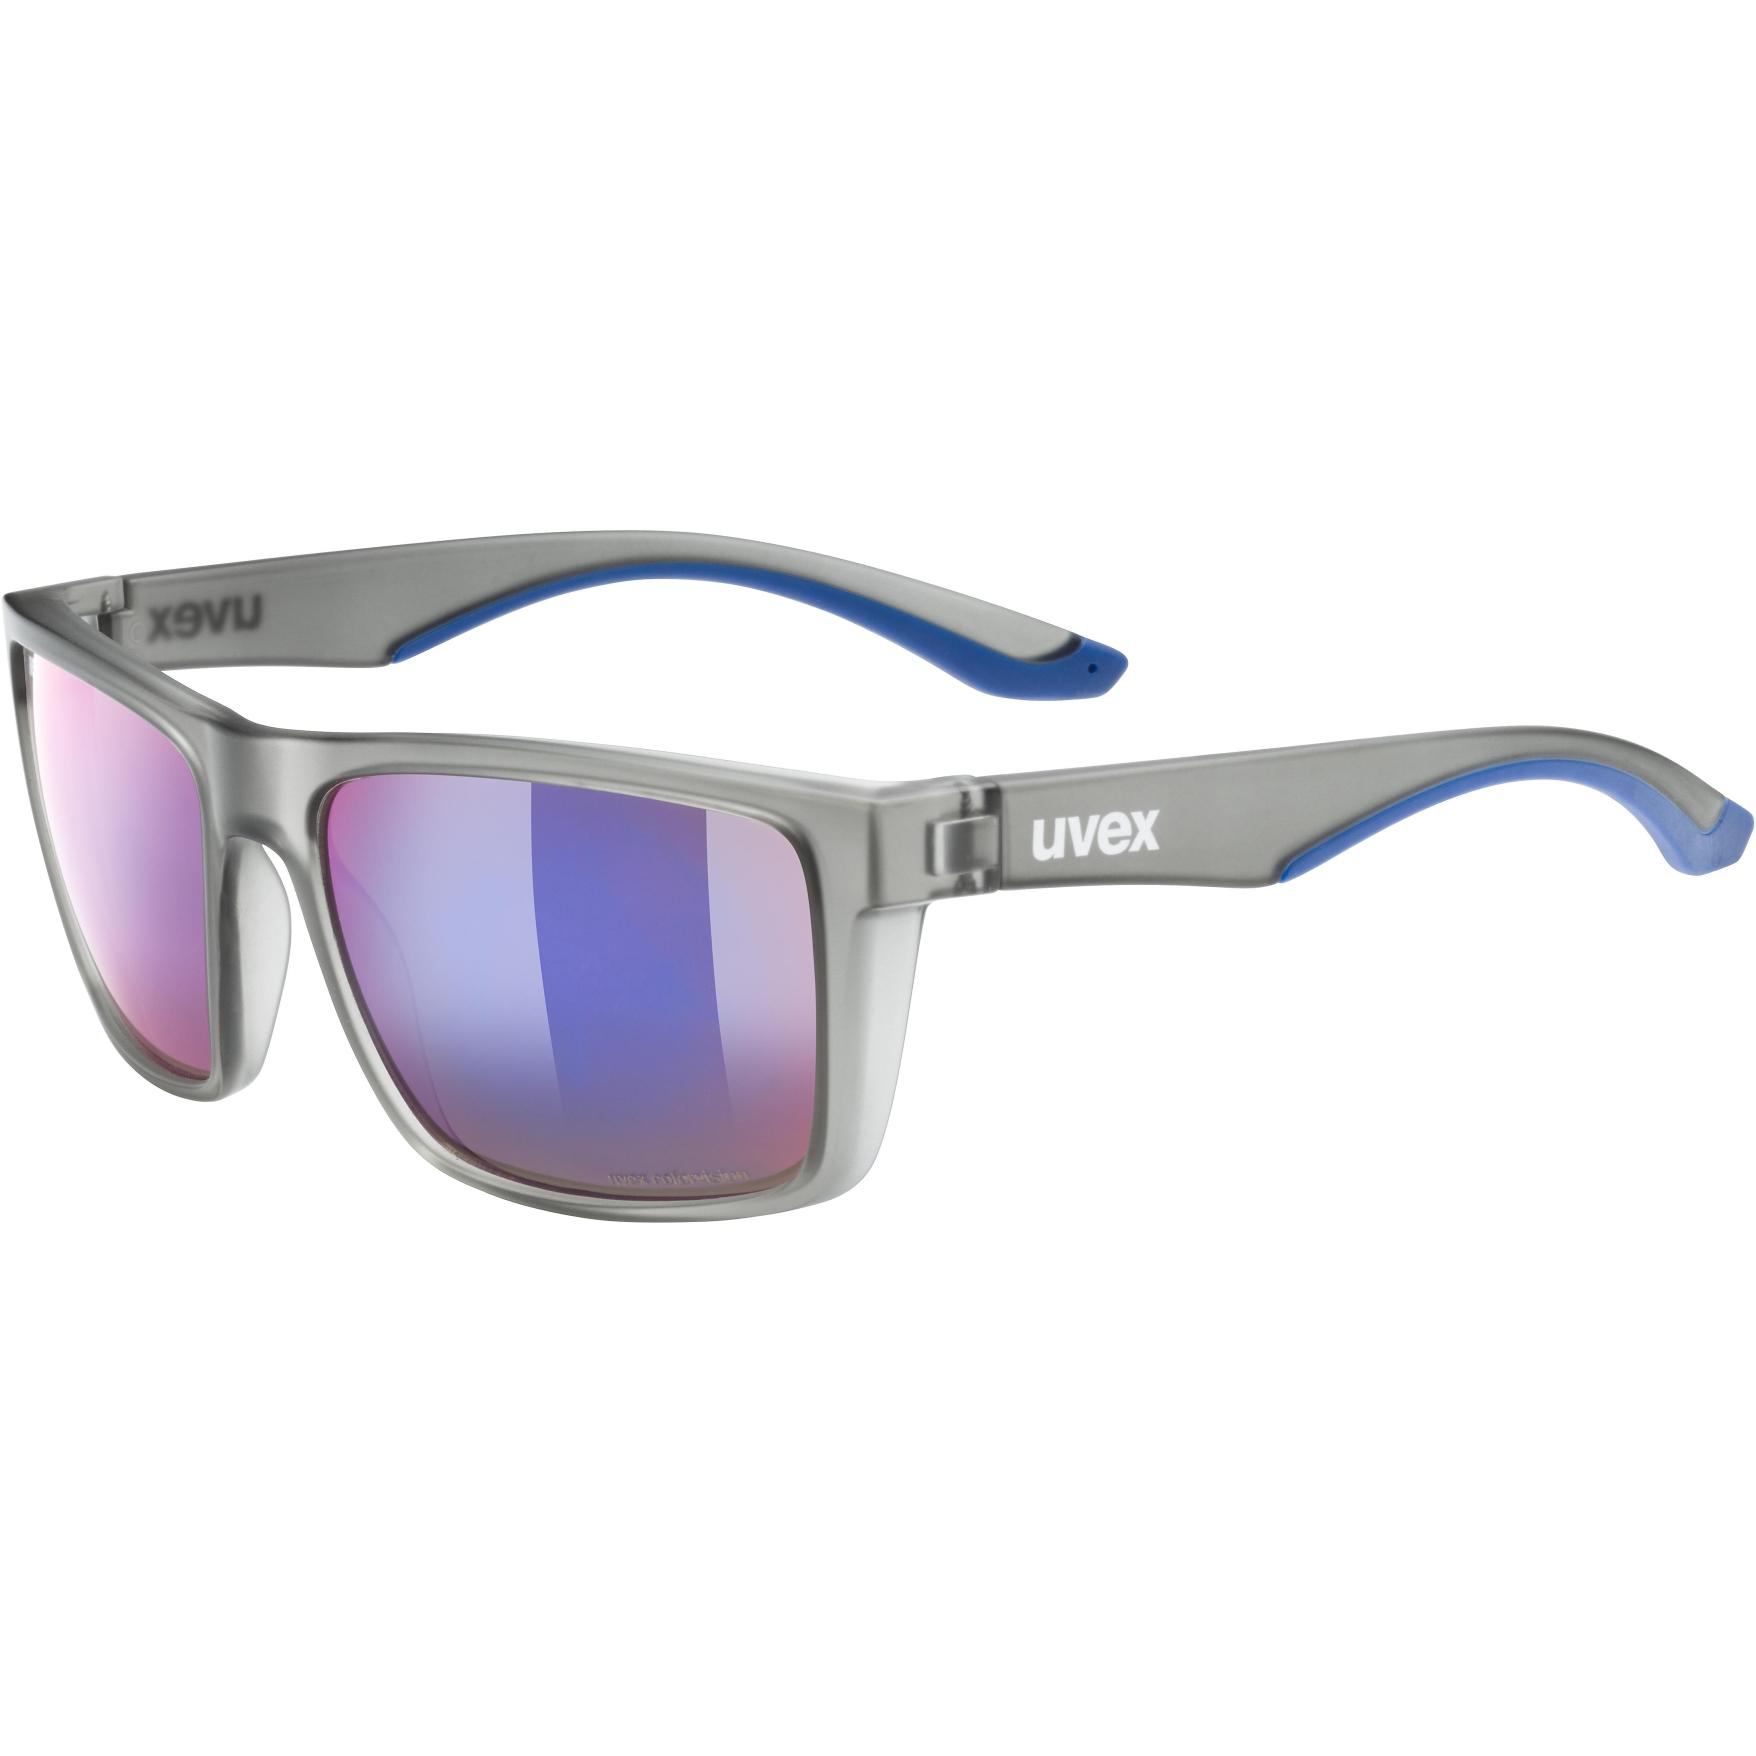 Uvex lgl 50 CV Glasses - smoke mat/colorvision mirror plasma